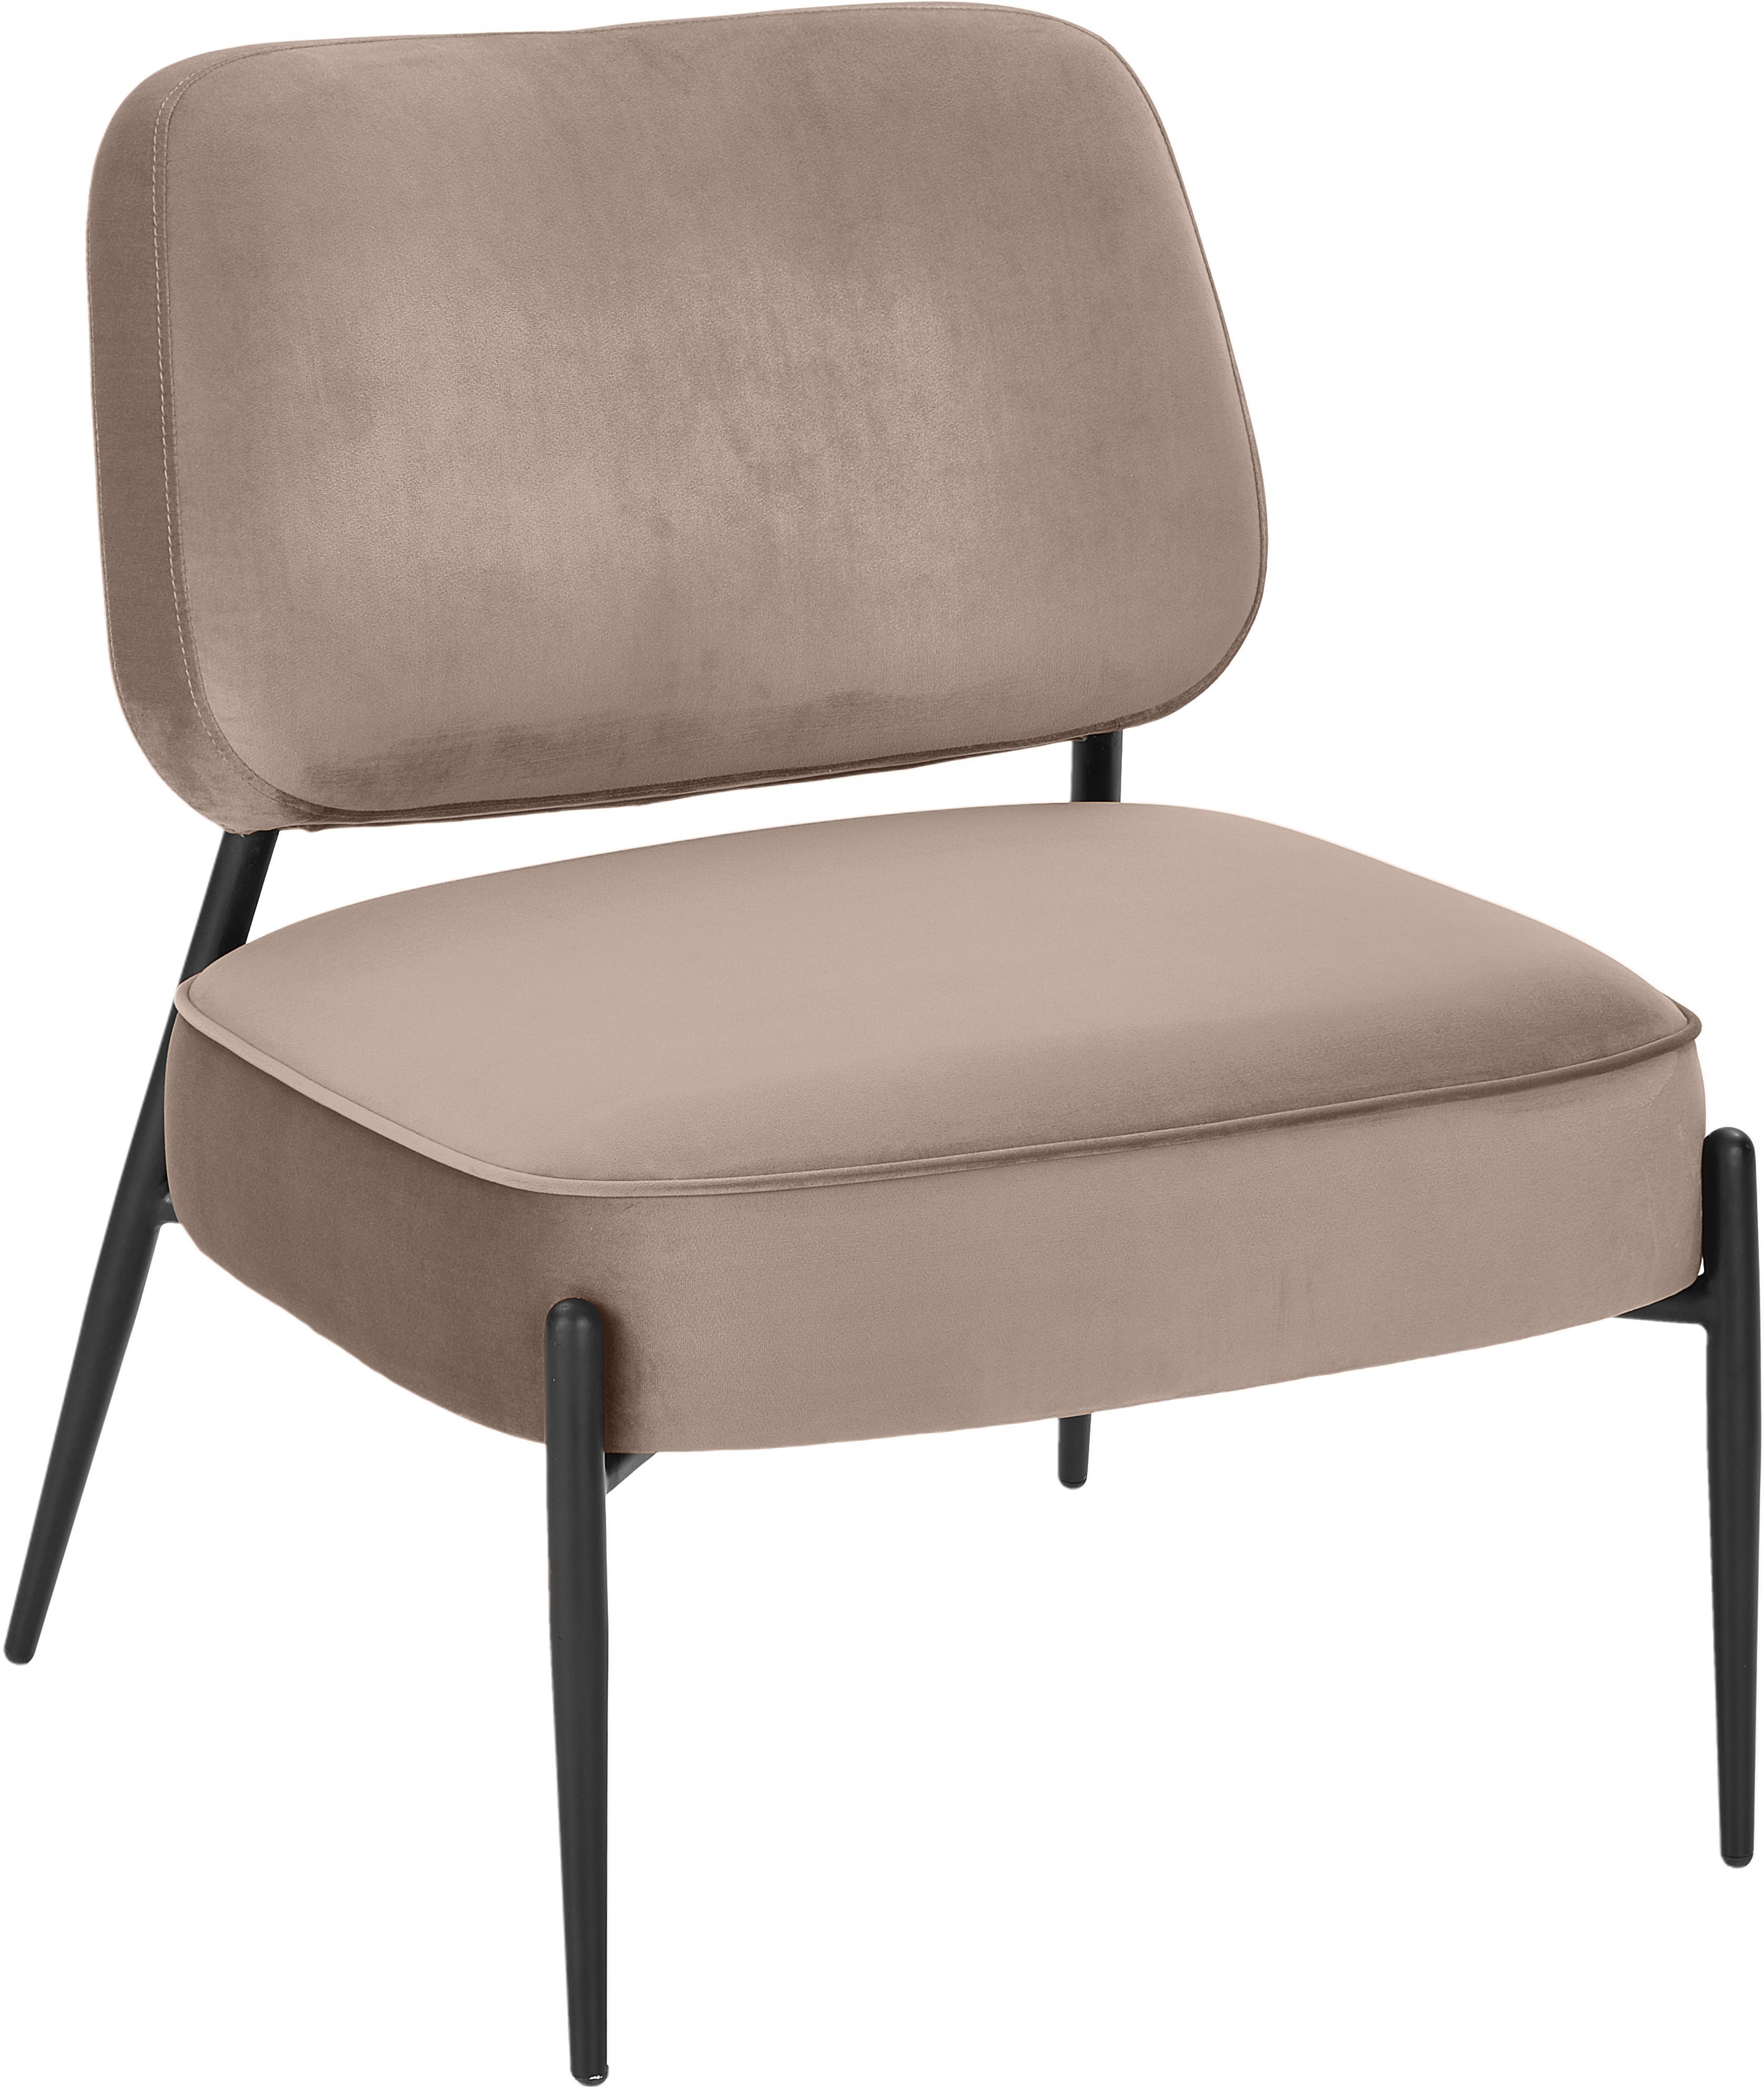 Fluwelen fauteuil Viggo, Bekleding: fluweel (polyester), Poten: gepoedercoat metaal, Beige, B 62 x D 67 cm